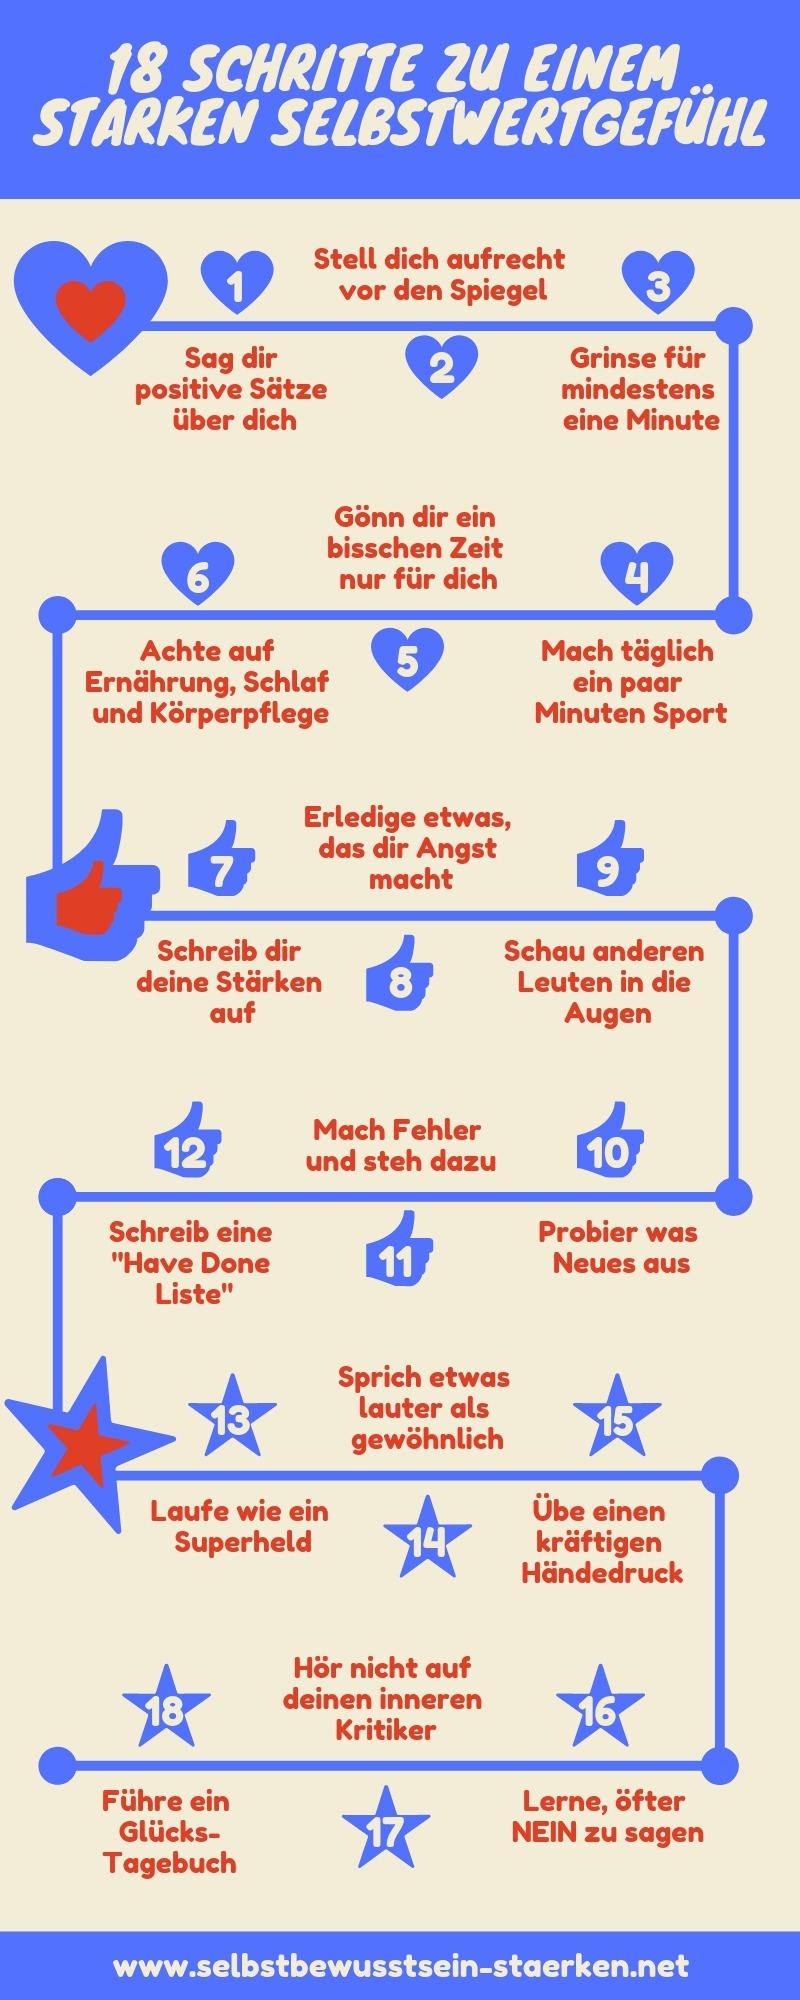 18 Schritte zu einem starken Selbstwertgefühl Infografik